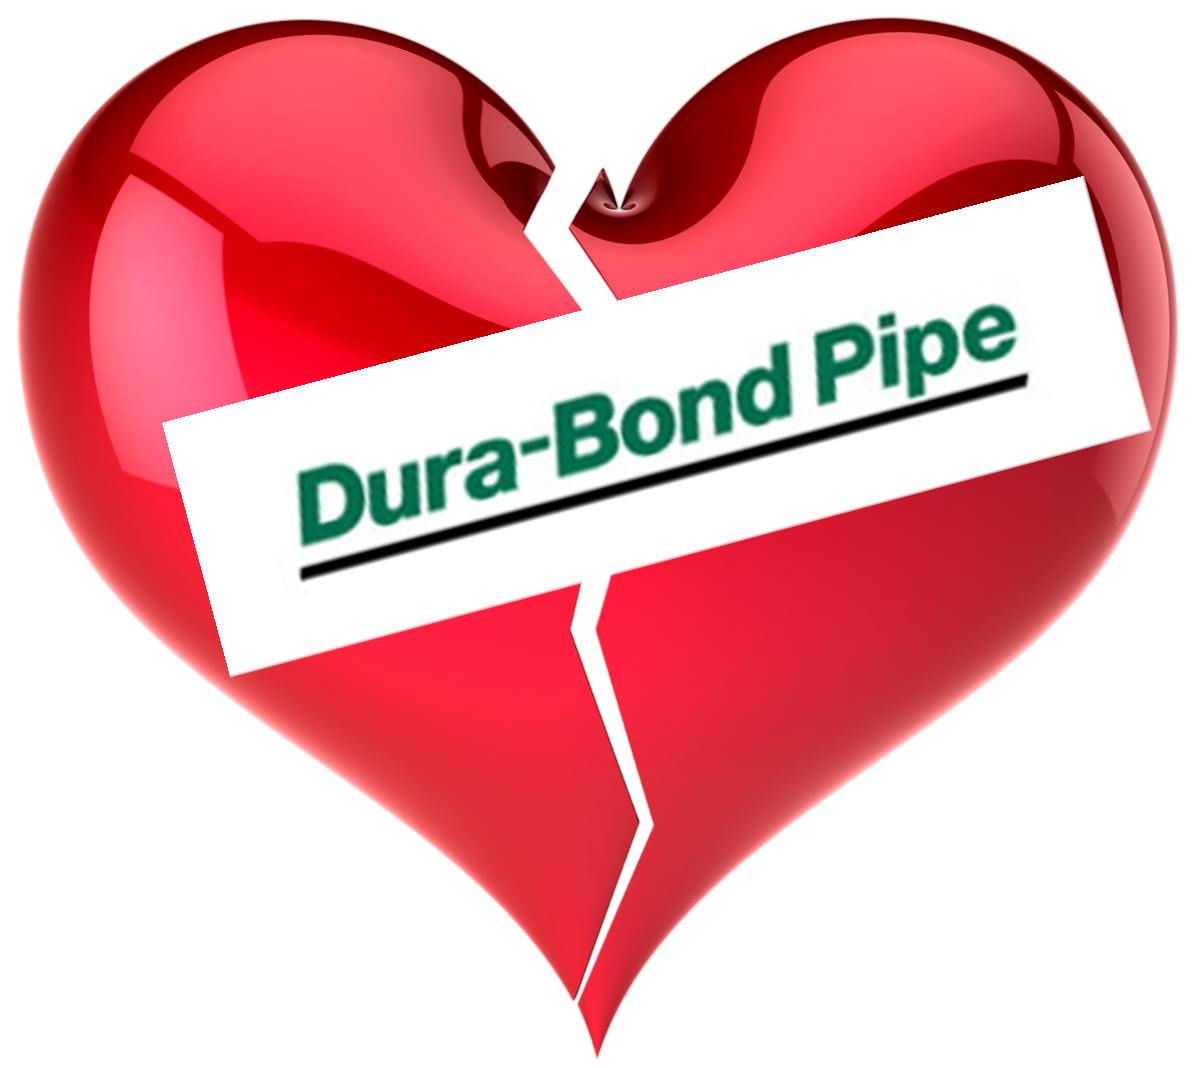 Am I Next? Layoffs at Dura-Bond Pipe